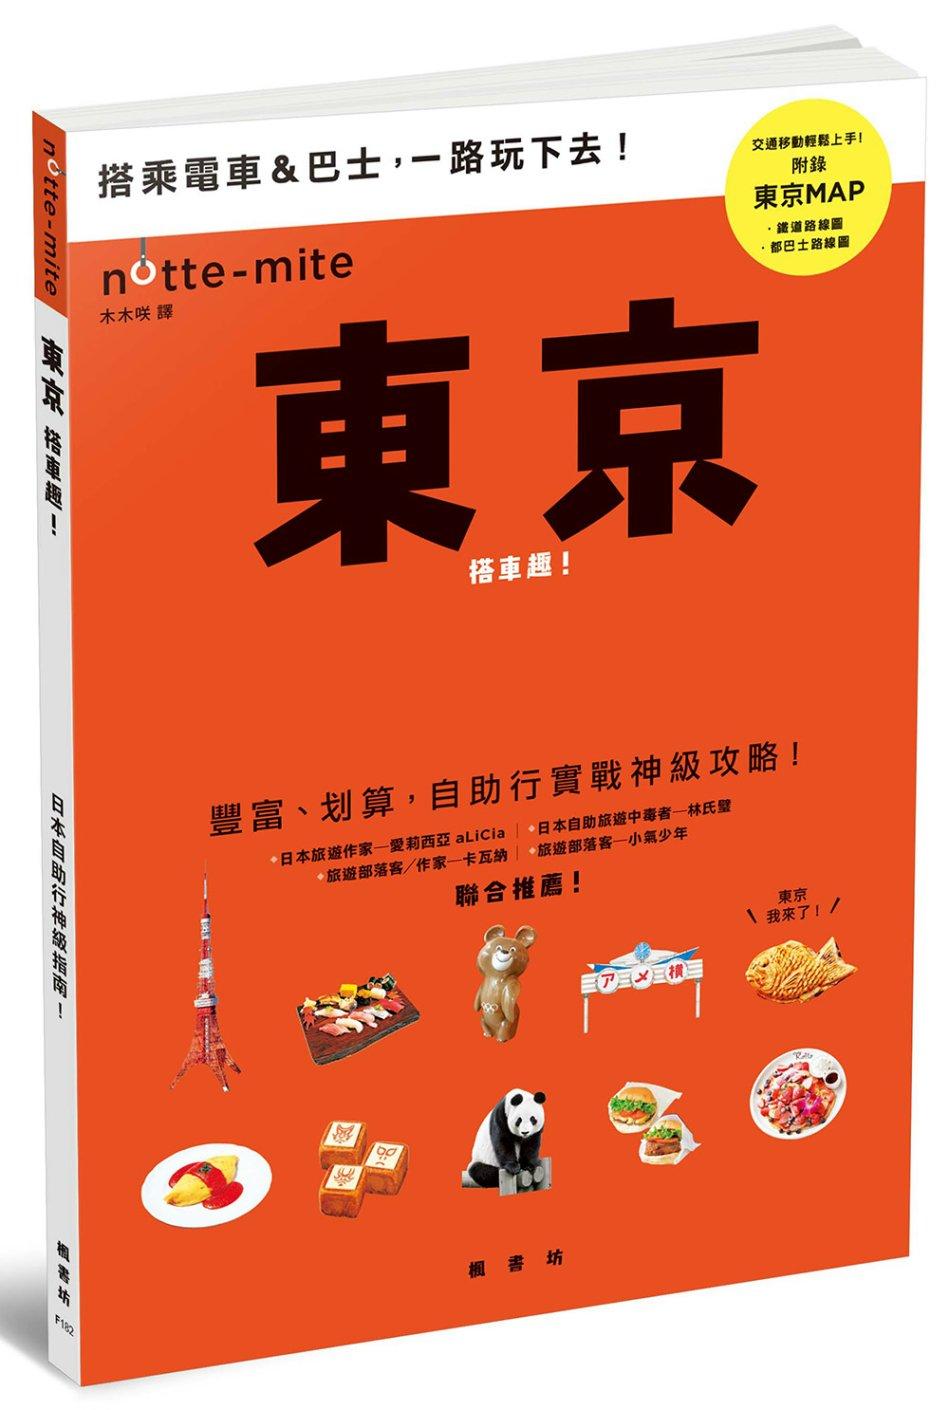 《東京搭車趣!日本自助行神級指南》 商品條碼,ISBN:9789863773337